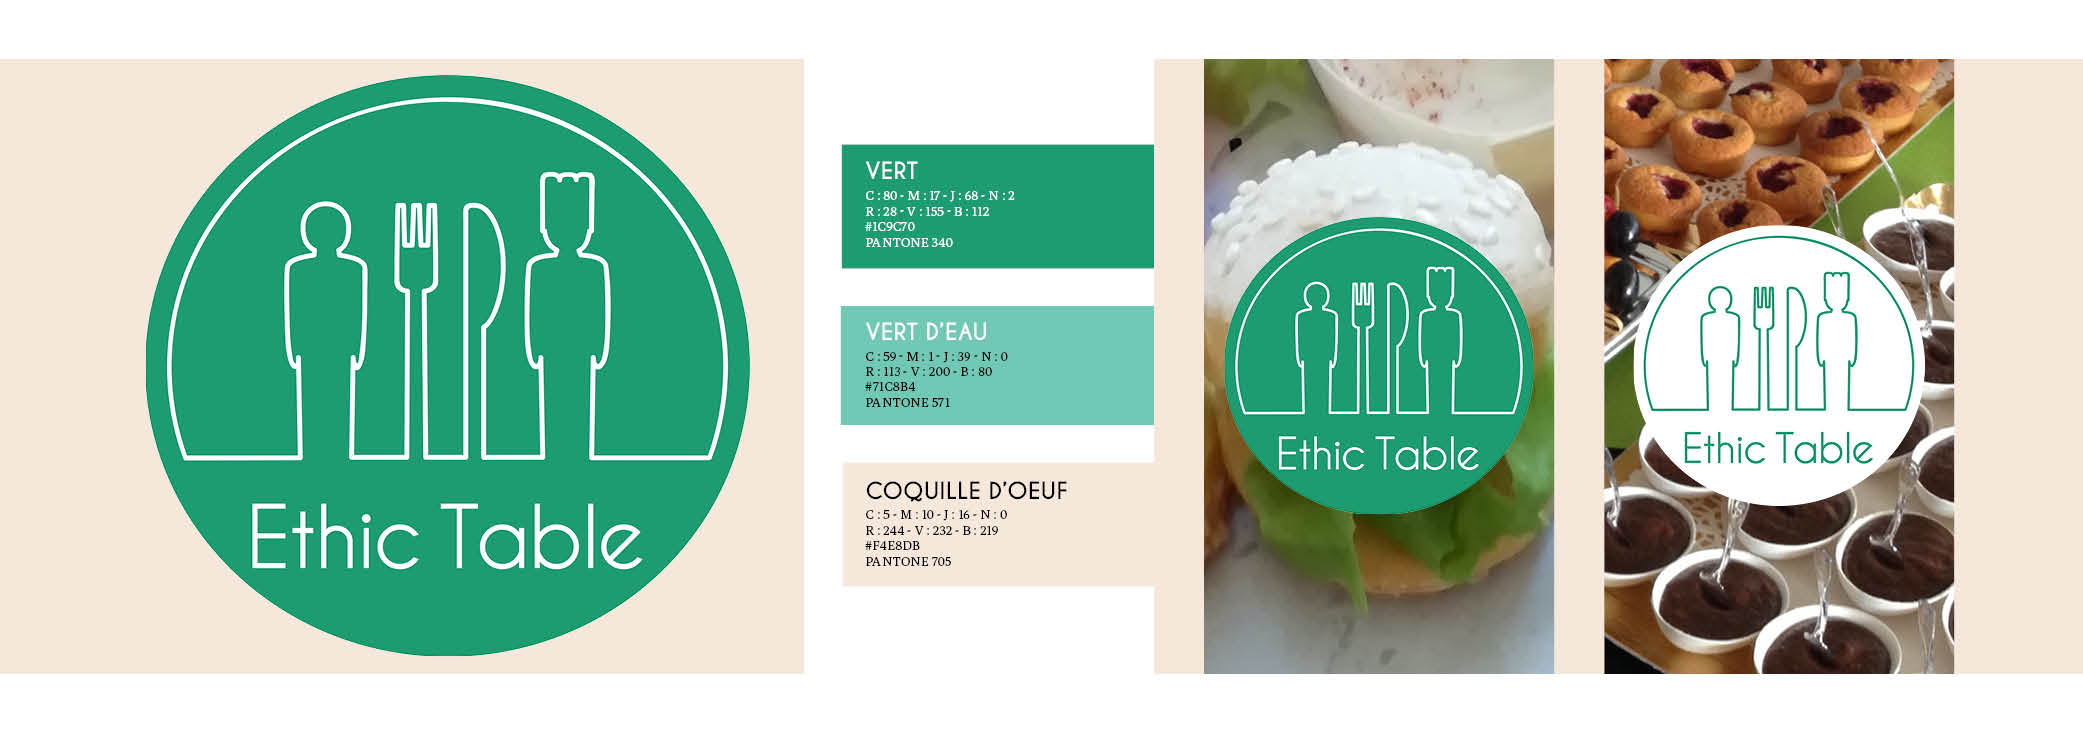 Ethic Table - identité visuelle